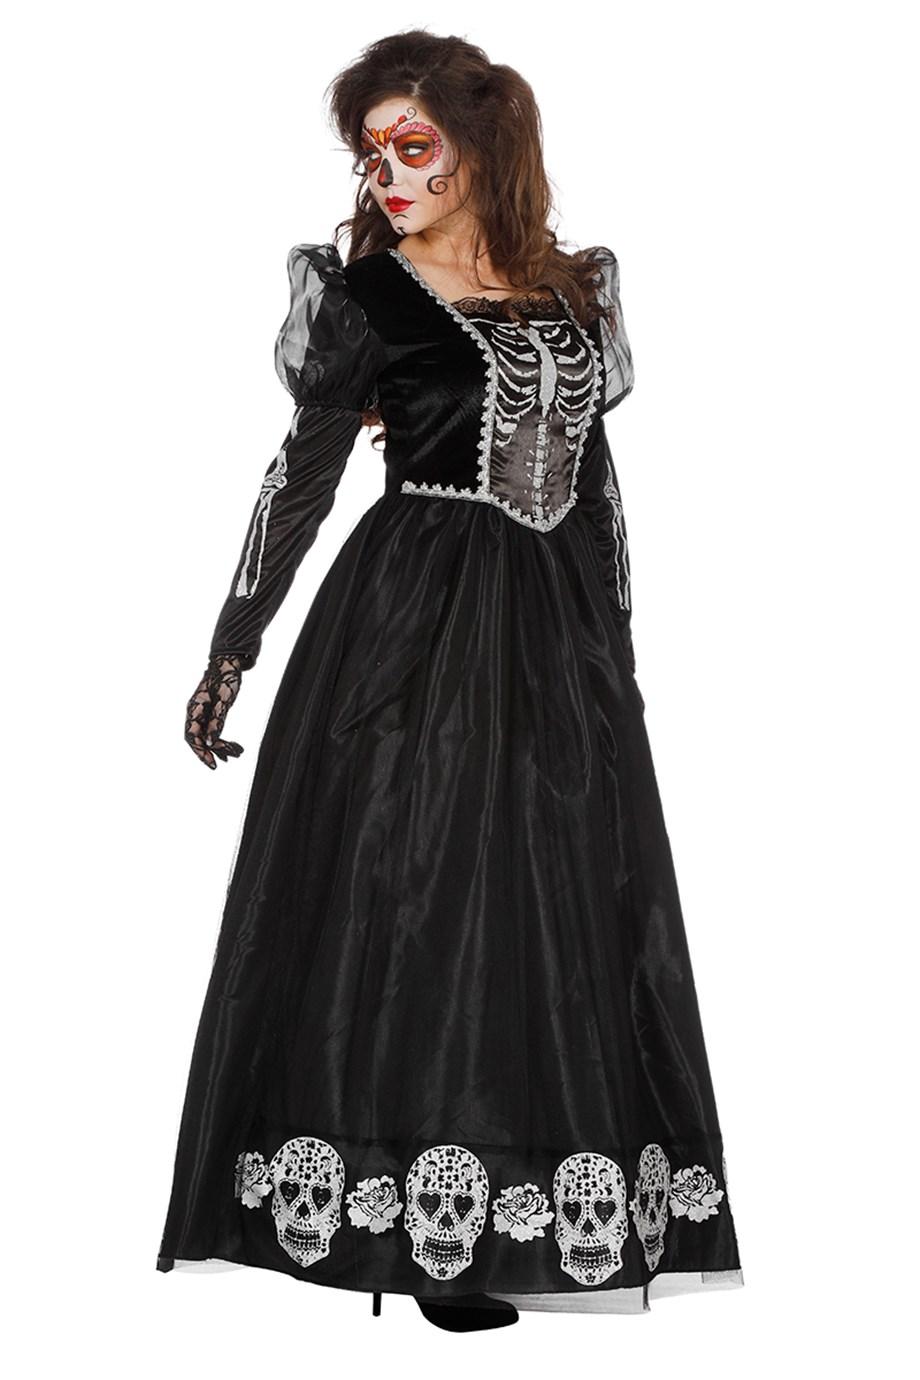 Princess of the dark-262684